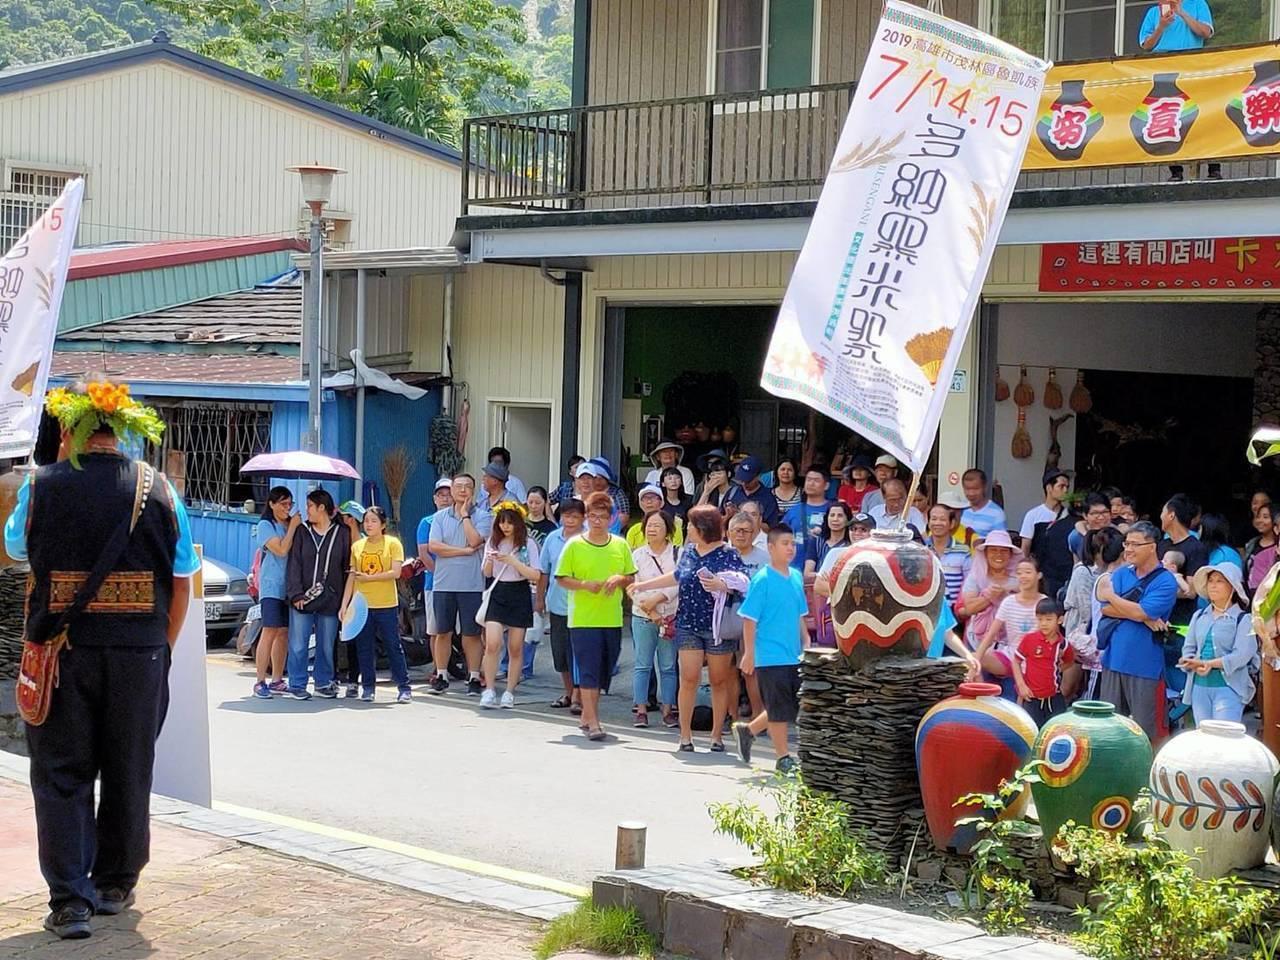 高雄茂林多納部落黑米祭湧入大量遊客,定點展演吸引遊客駐足觀看。記者徐白櫻/翻攝